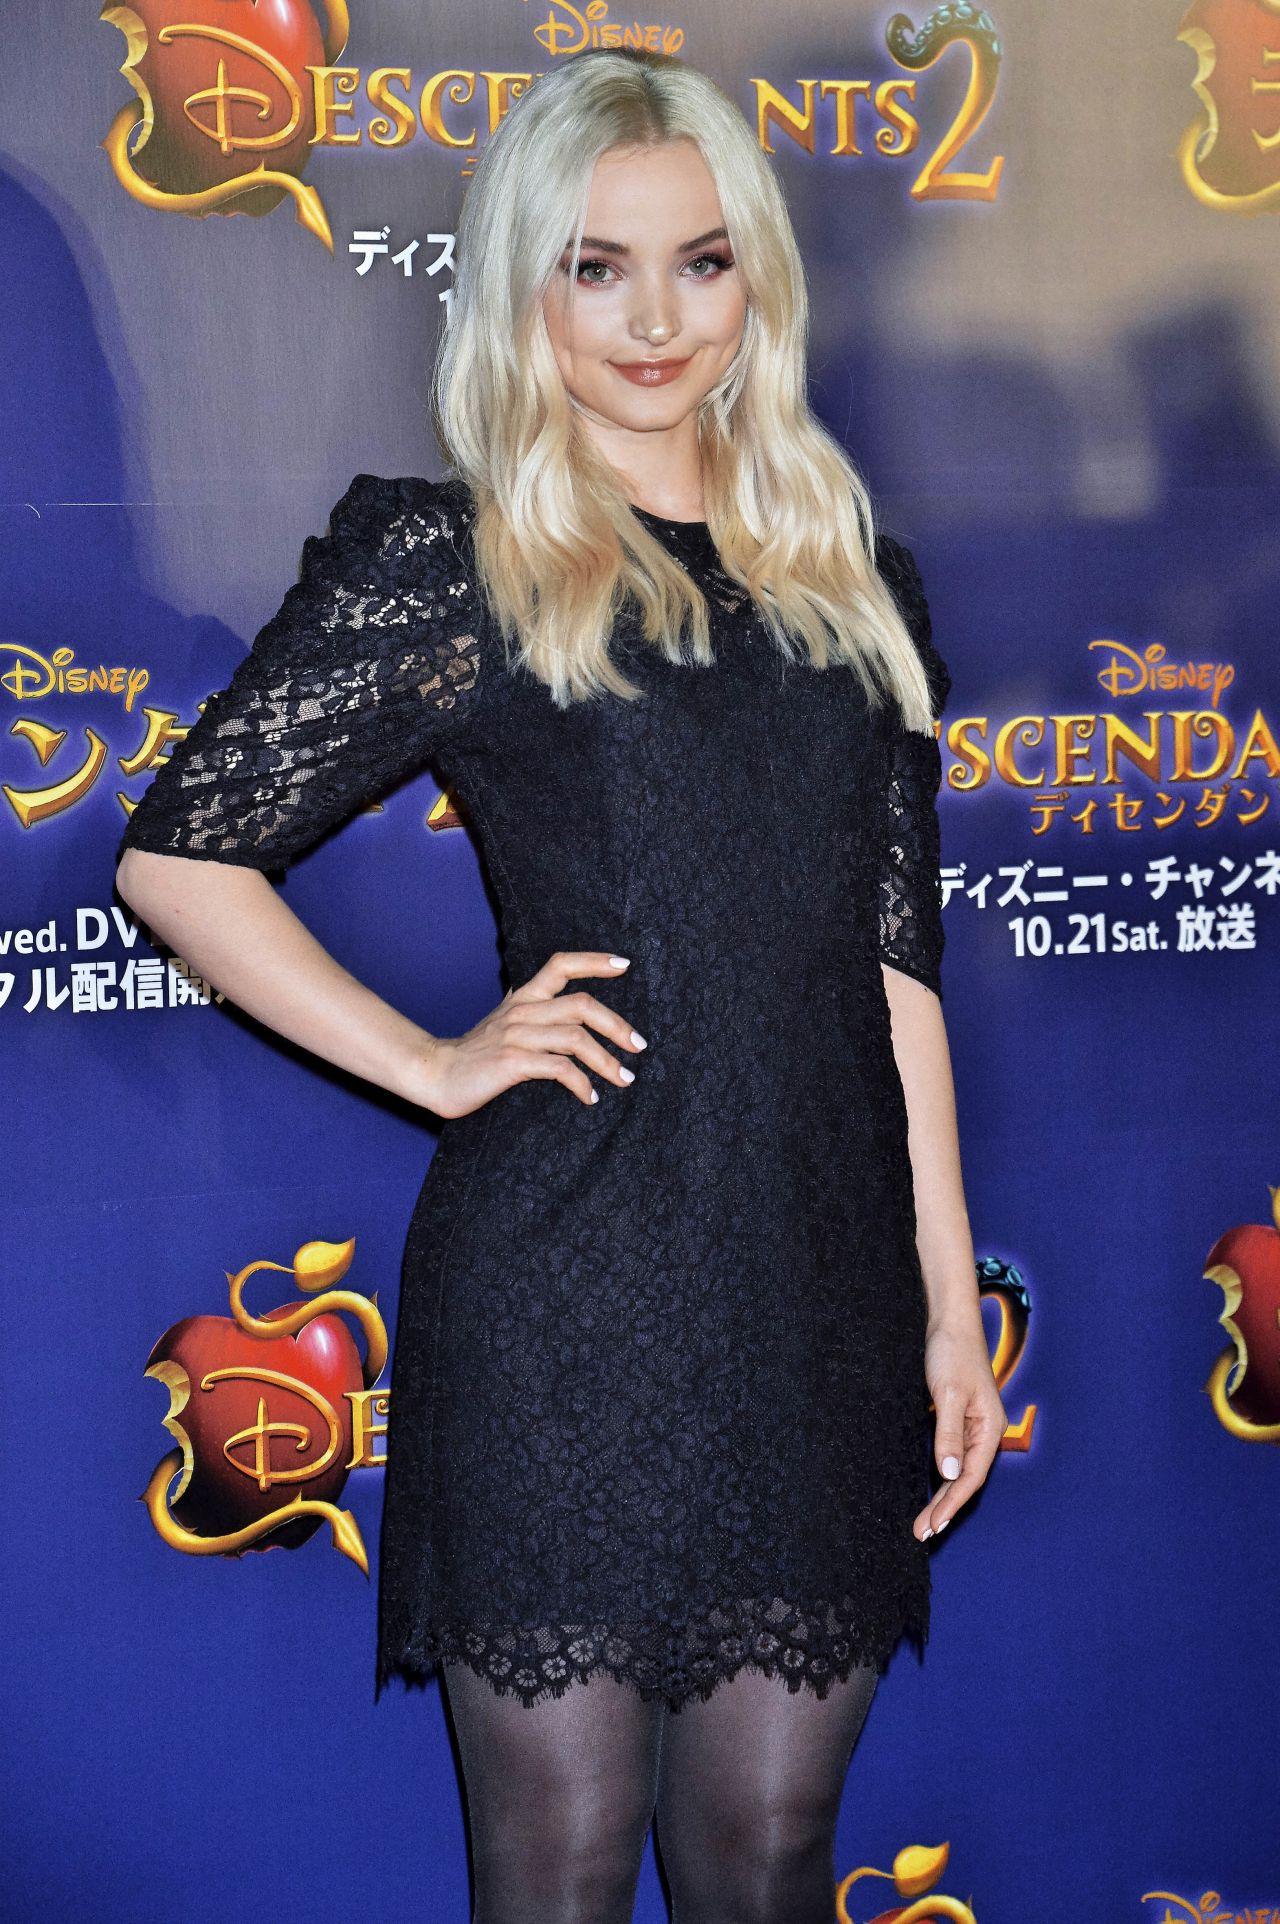 Disney Descendants Sofia Carson